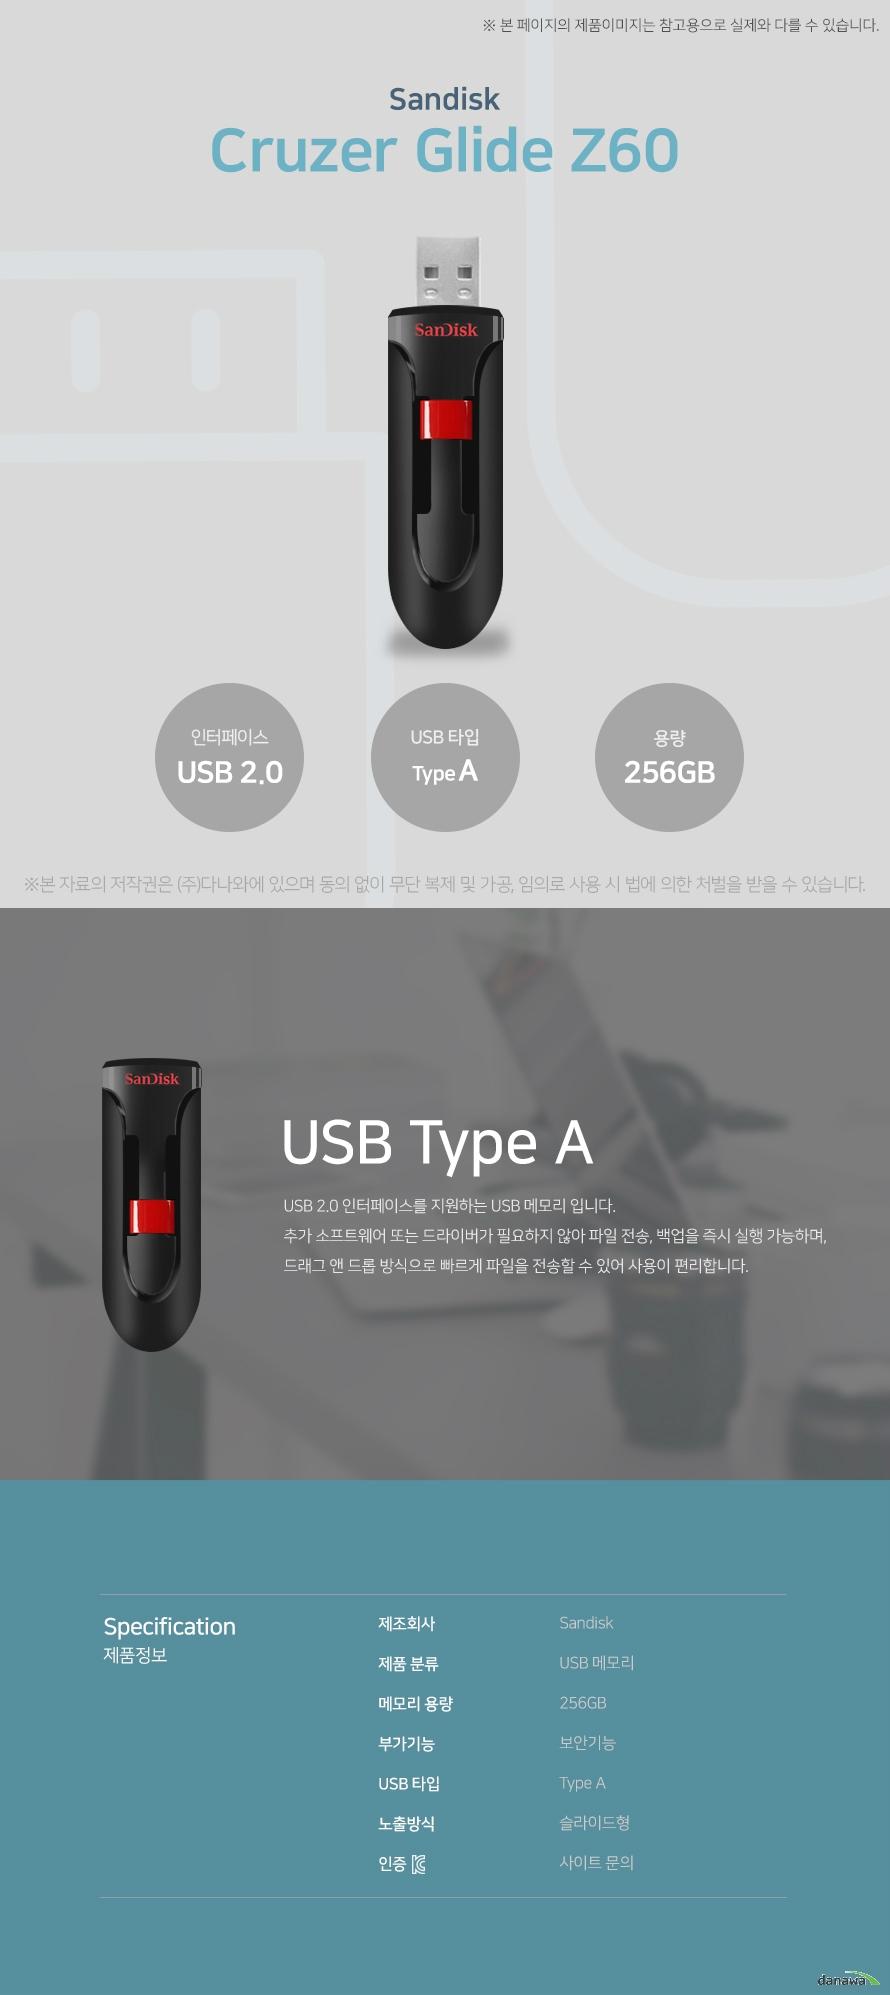 샌디스크 크루저 글라이드 Z60 USB Type A USB 2.0 인터페이스를 지원하는 USB 메모리입니다. 추가 소프트웨어 또는 드라이버가 필요하지 않아 파일 전송, 백업을 즉시 실행 가능하  며, 드래그 앤 드롭 방식으로 빠르게 파일을 전송할 수 있어 사용이 편리합니다. 스펙 제조회사 샌디스크 제품 분류 USB 메모리 메모리 용량 256GB 부가기능 보안기능 USB 타입 Type A 노출방식 슬라이드형 KC인증 사이트 문의